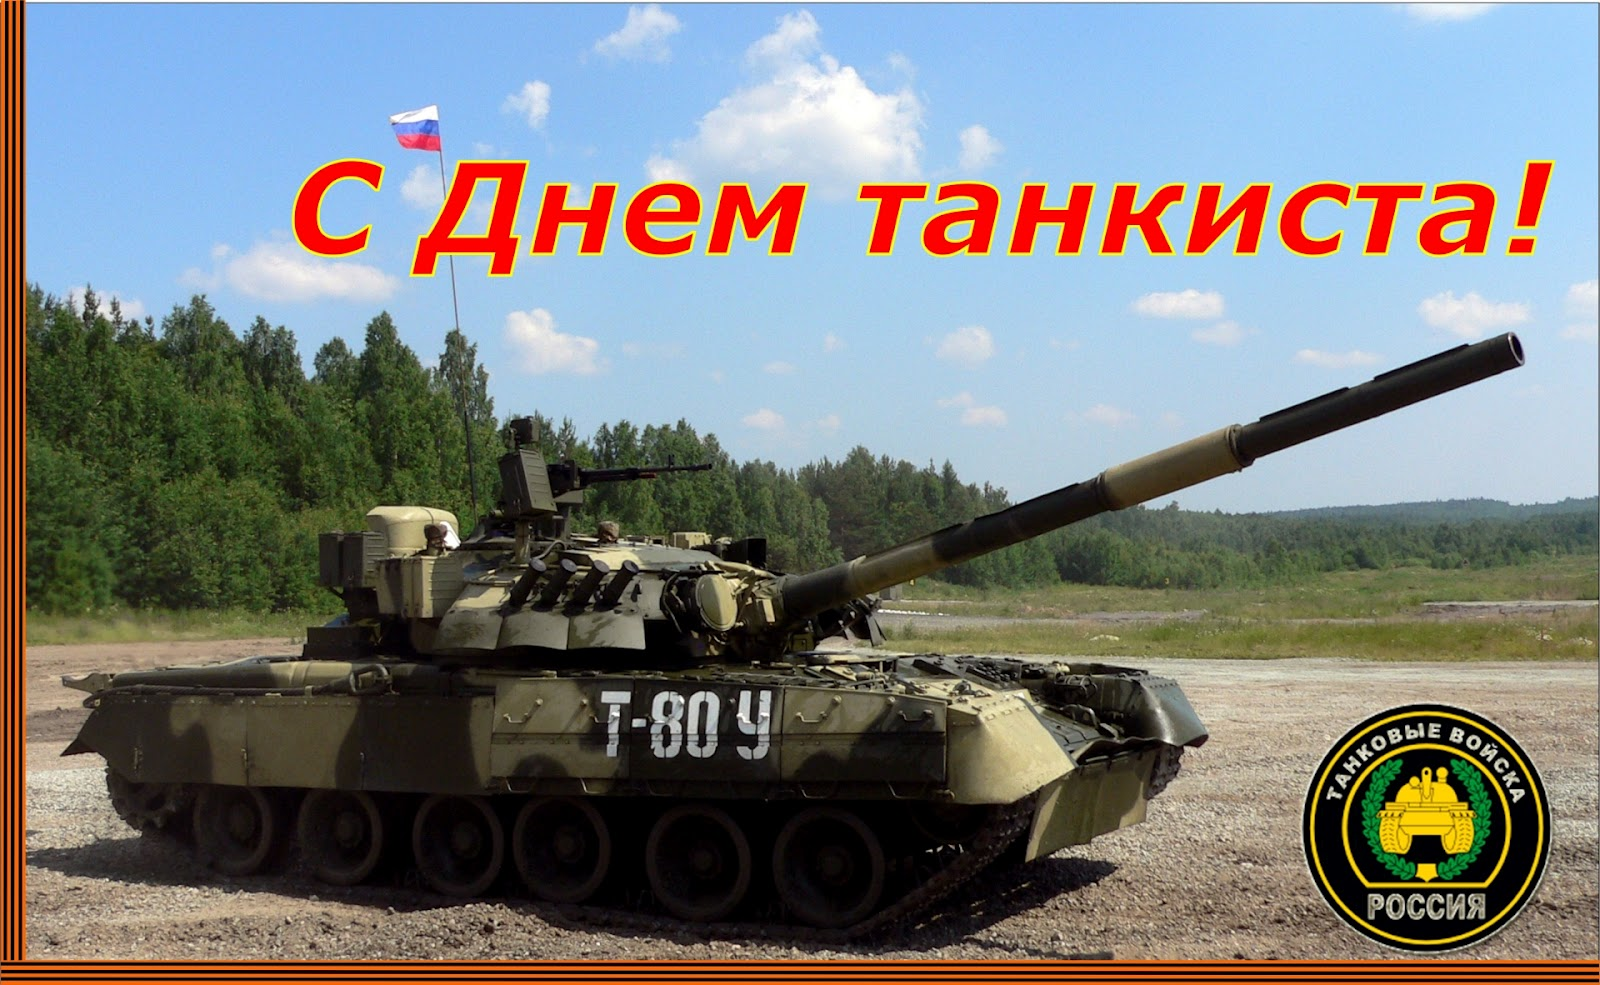 Поздравления открытки с днем танкиста, открытка днем знаний